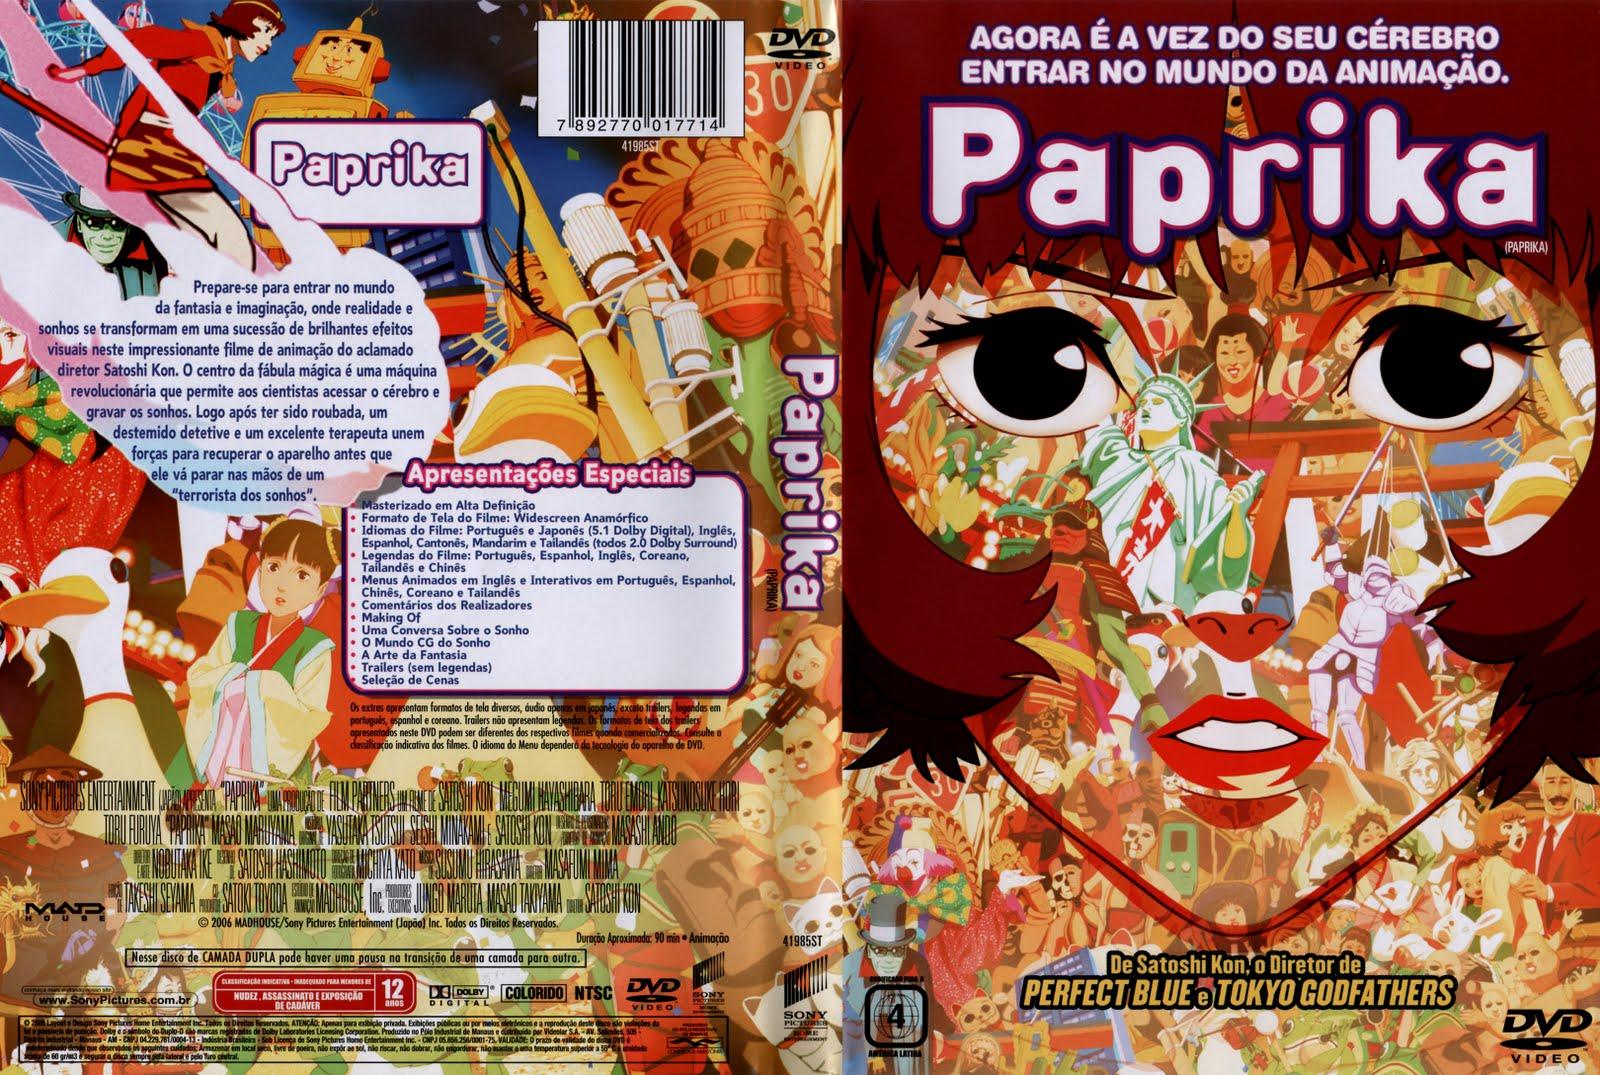 Paprika Paprika